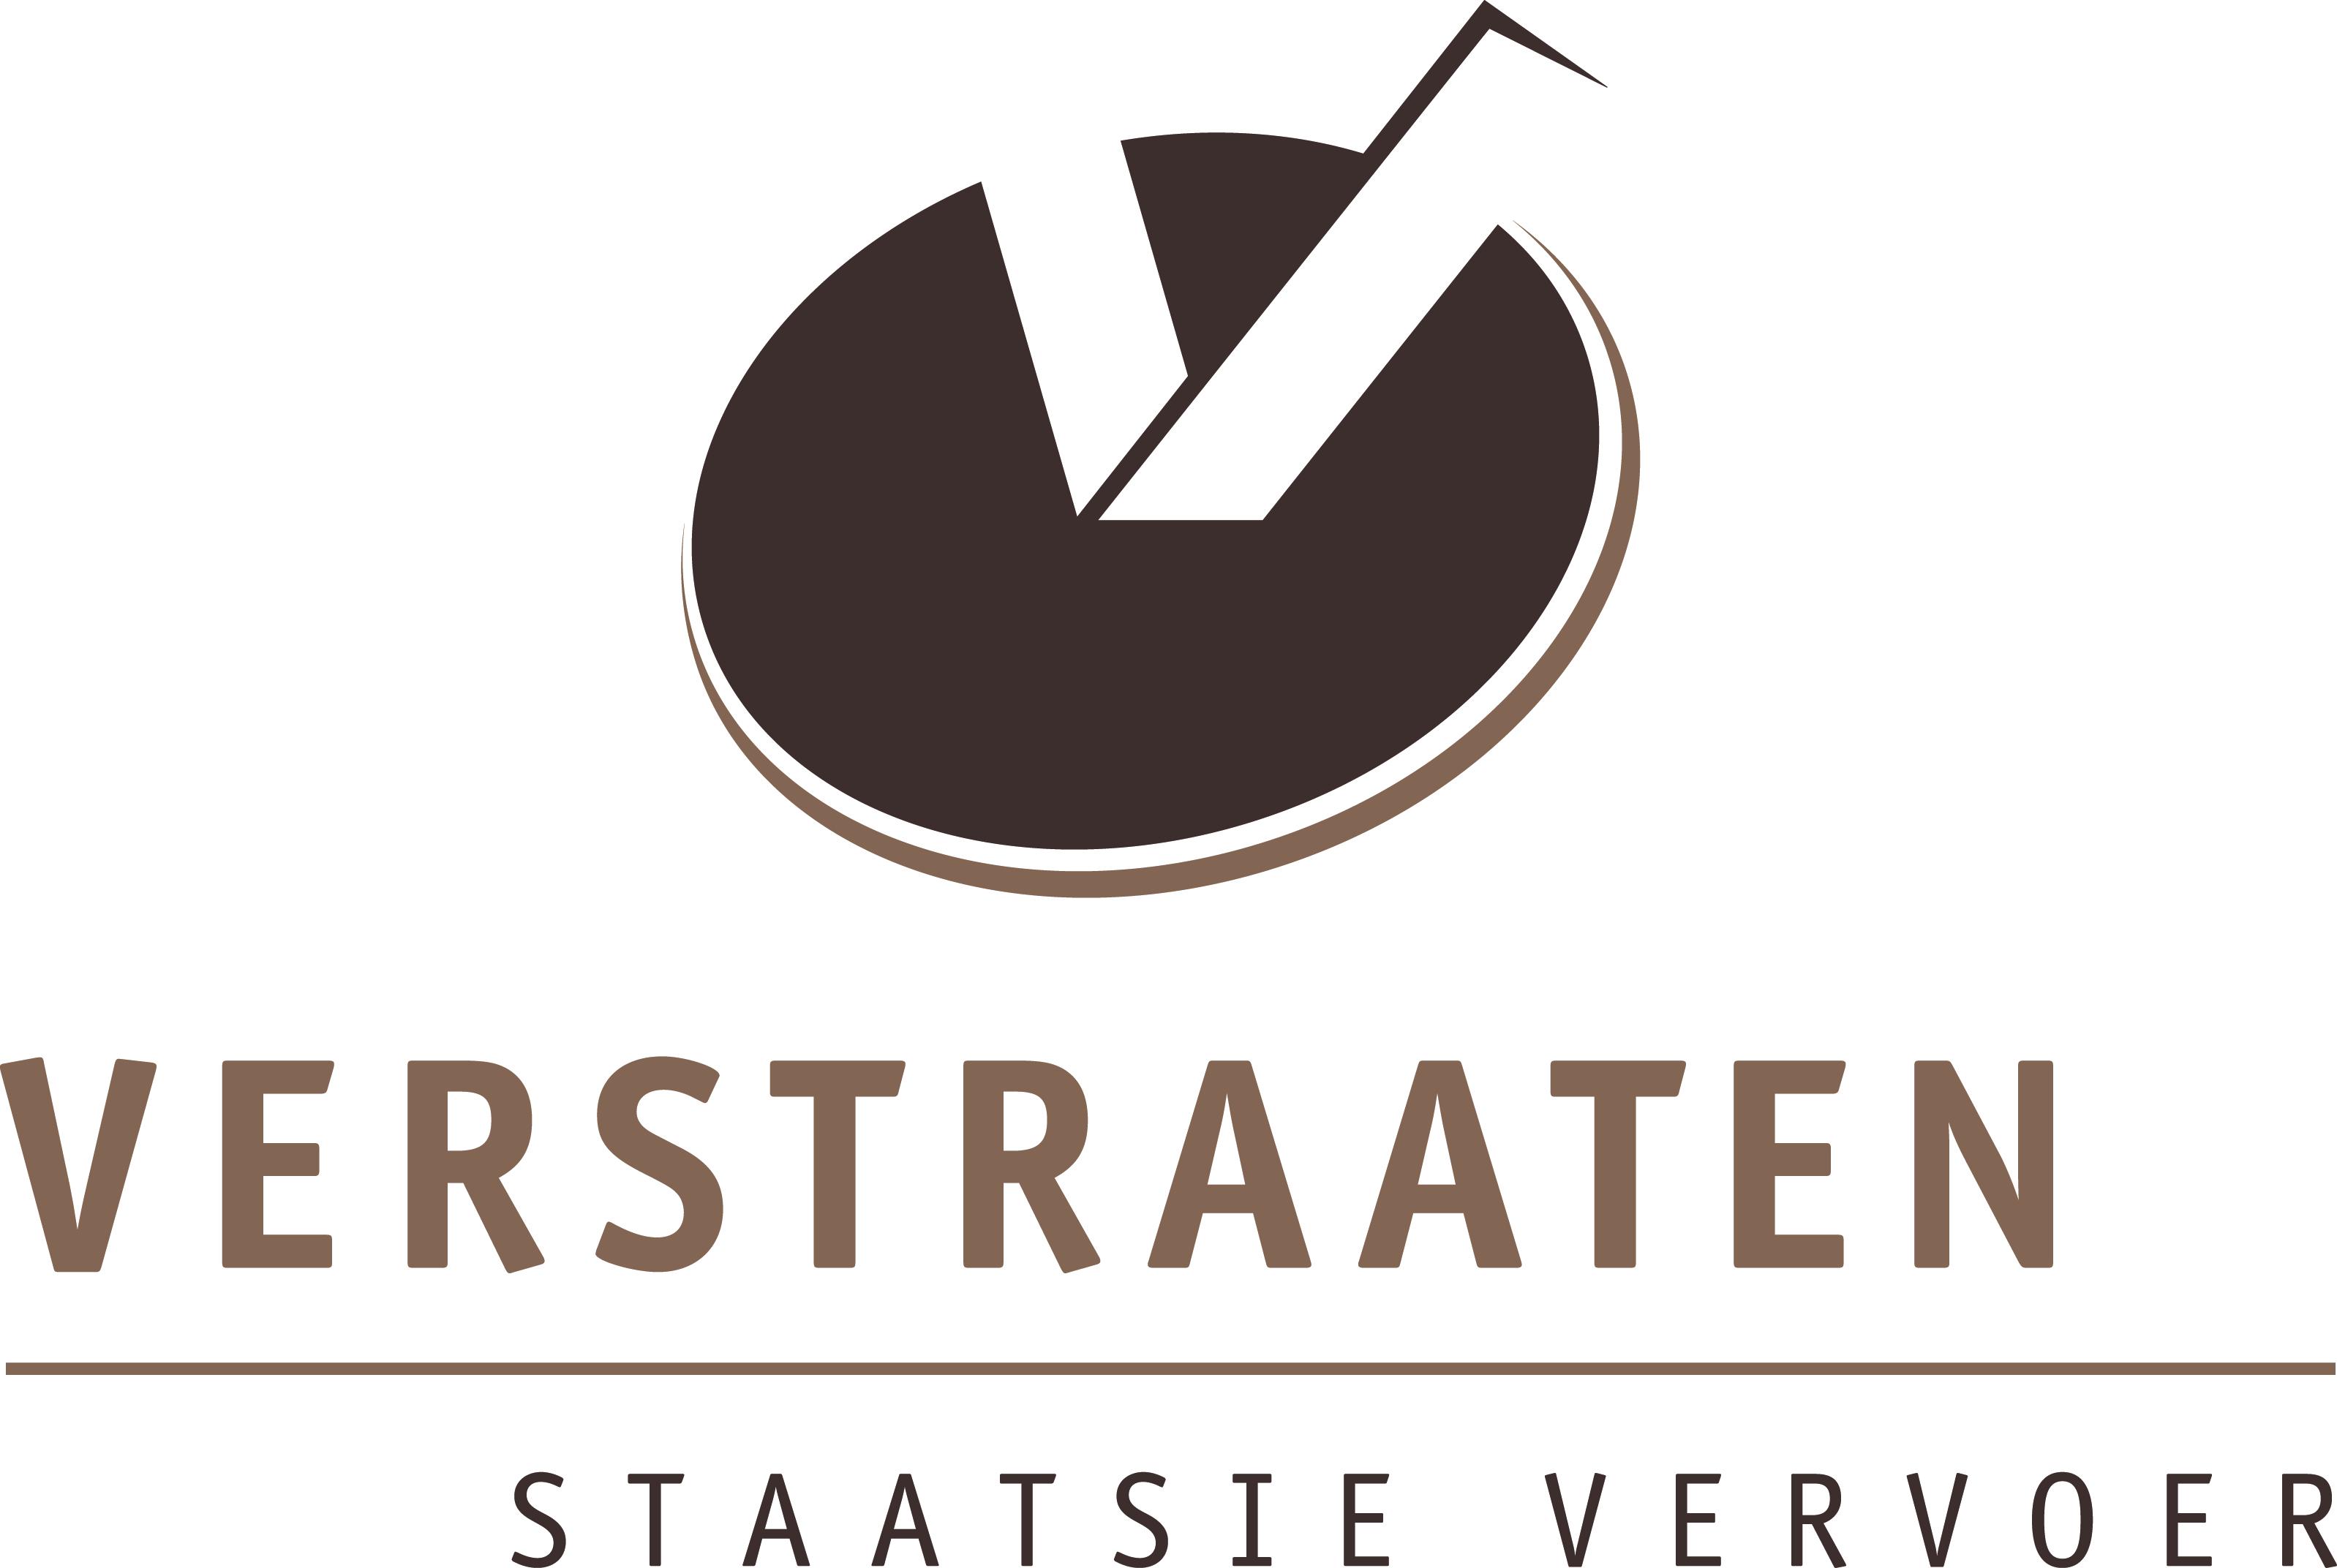 Verstraaten_StaatsieVervoer_FC - kopie